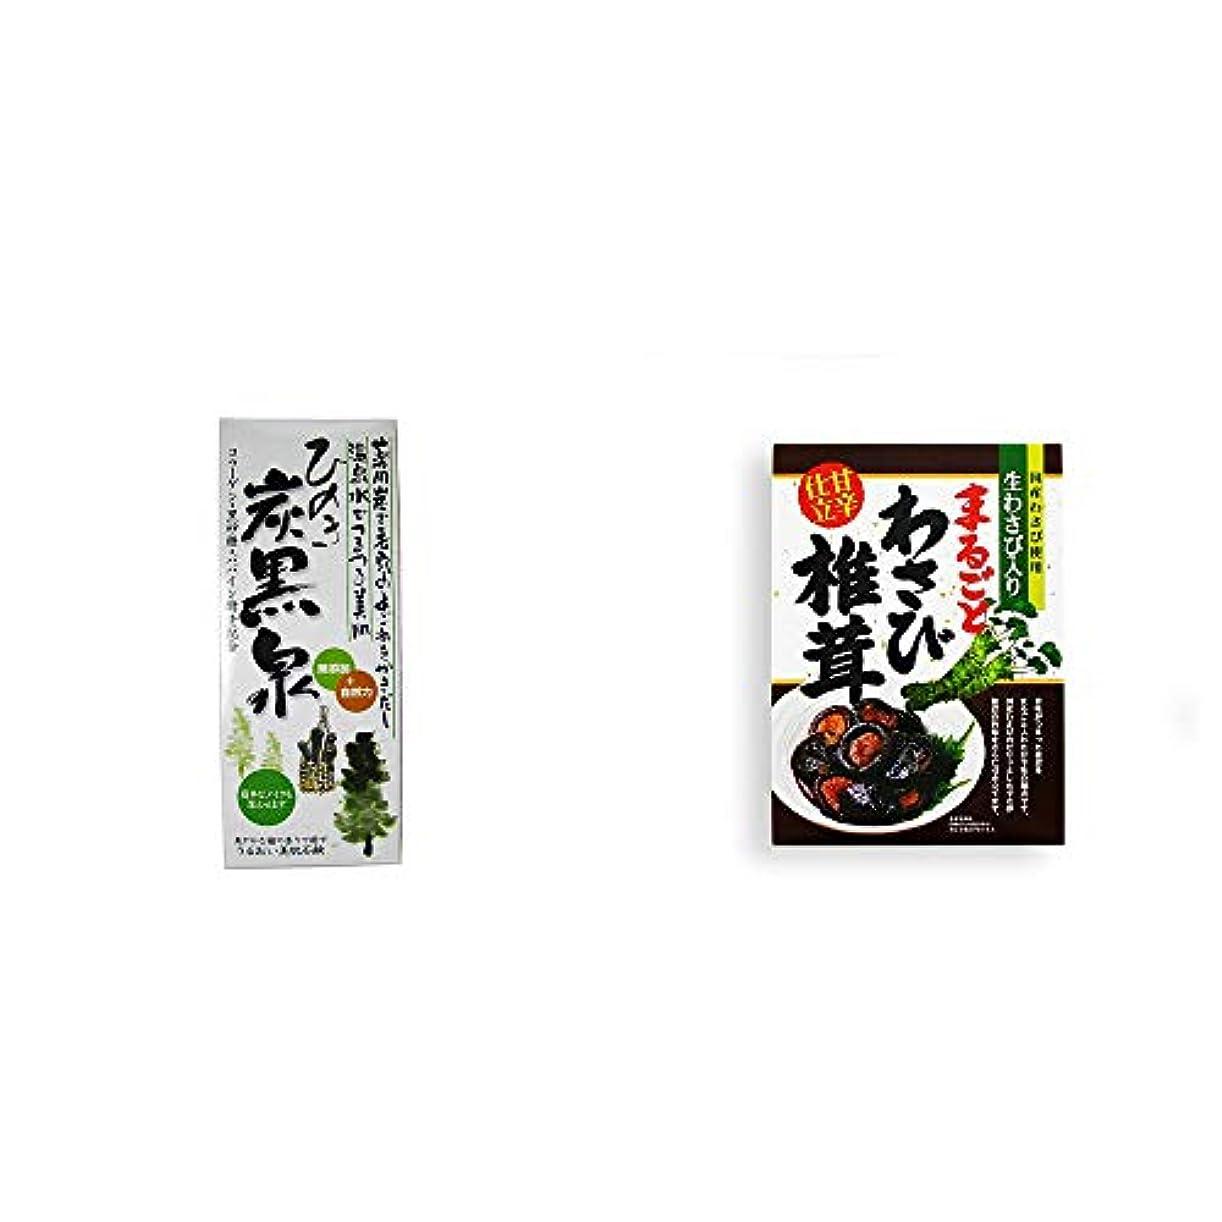 マリンこしょう姿勢[2点セット] ひのき炭黒泉 箱入り(75g×3)?まるごとわさび椎茸(200g)